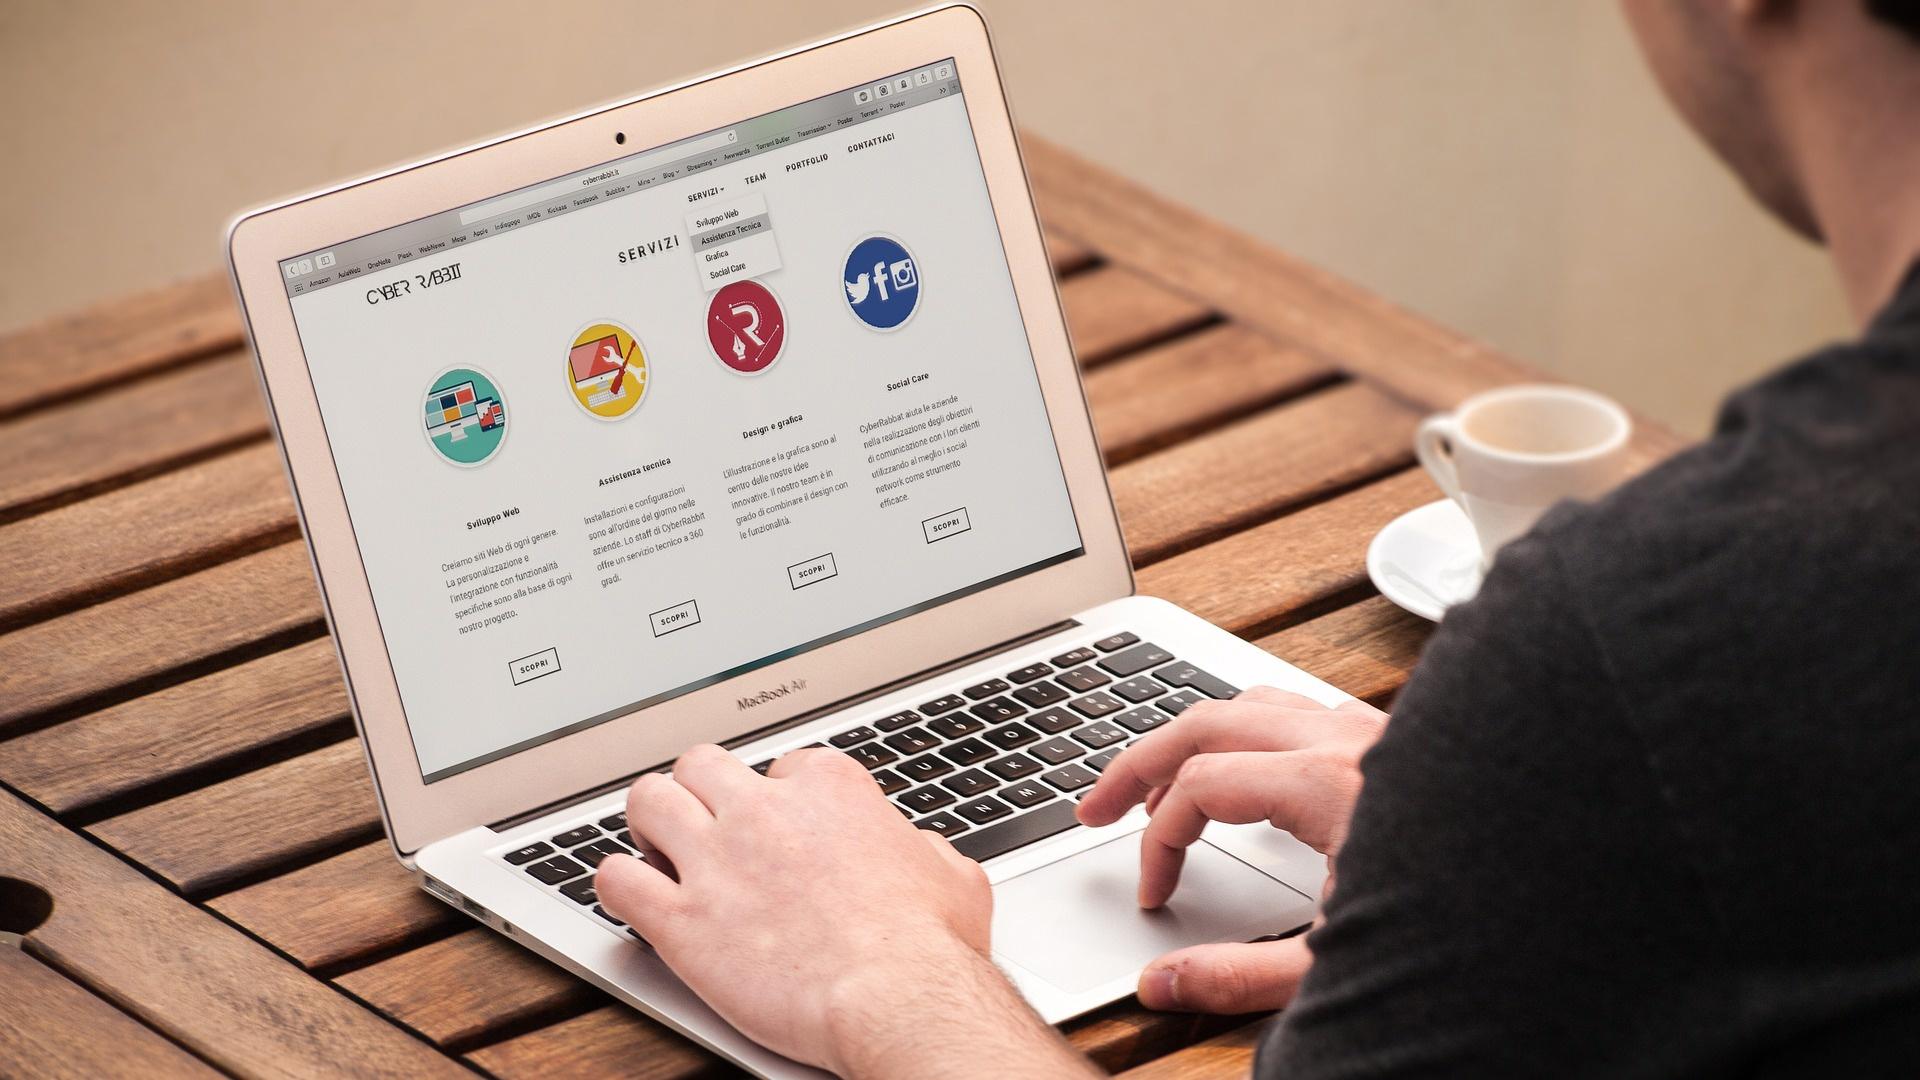 Criação de Site: Estratégia para fortalecer sua presença digital